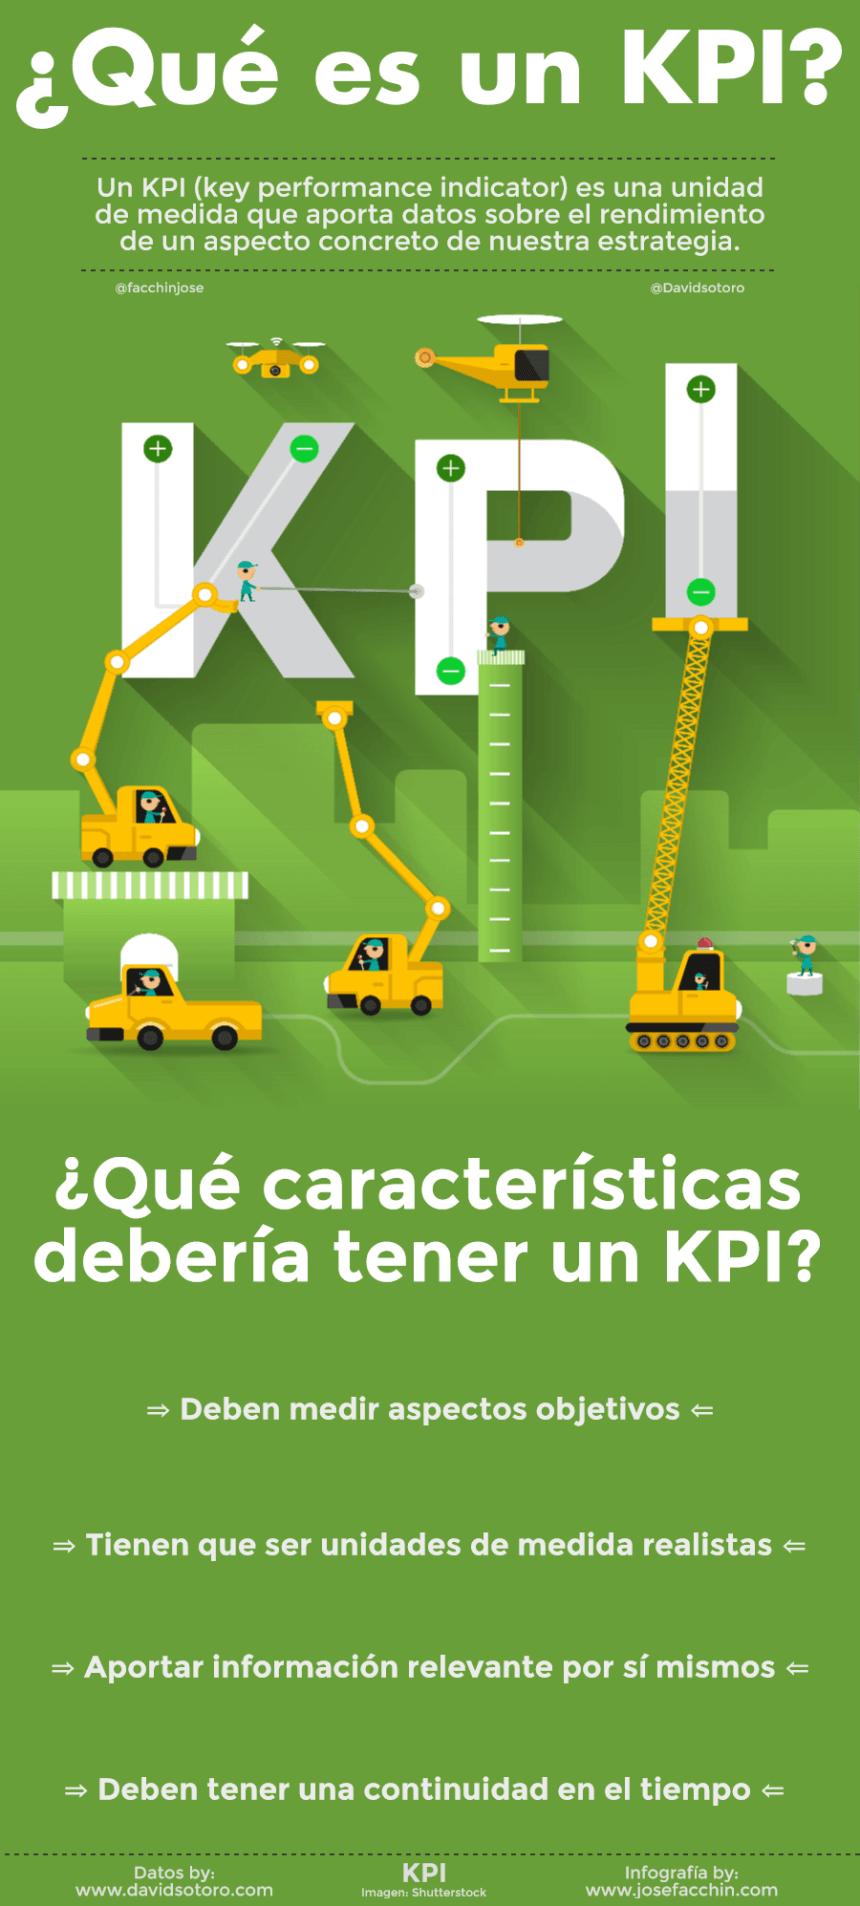 5 características de un KPI